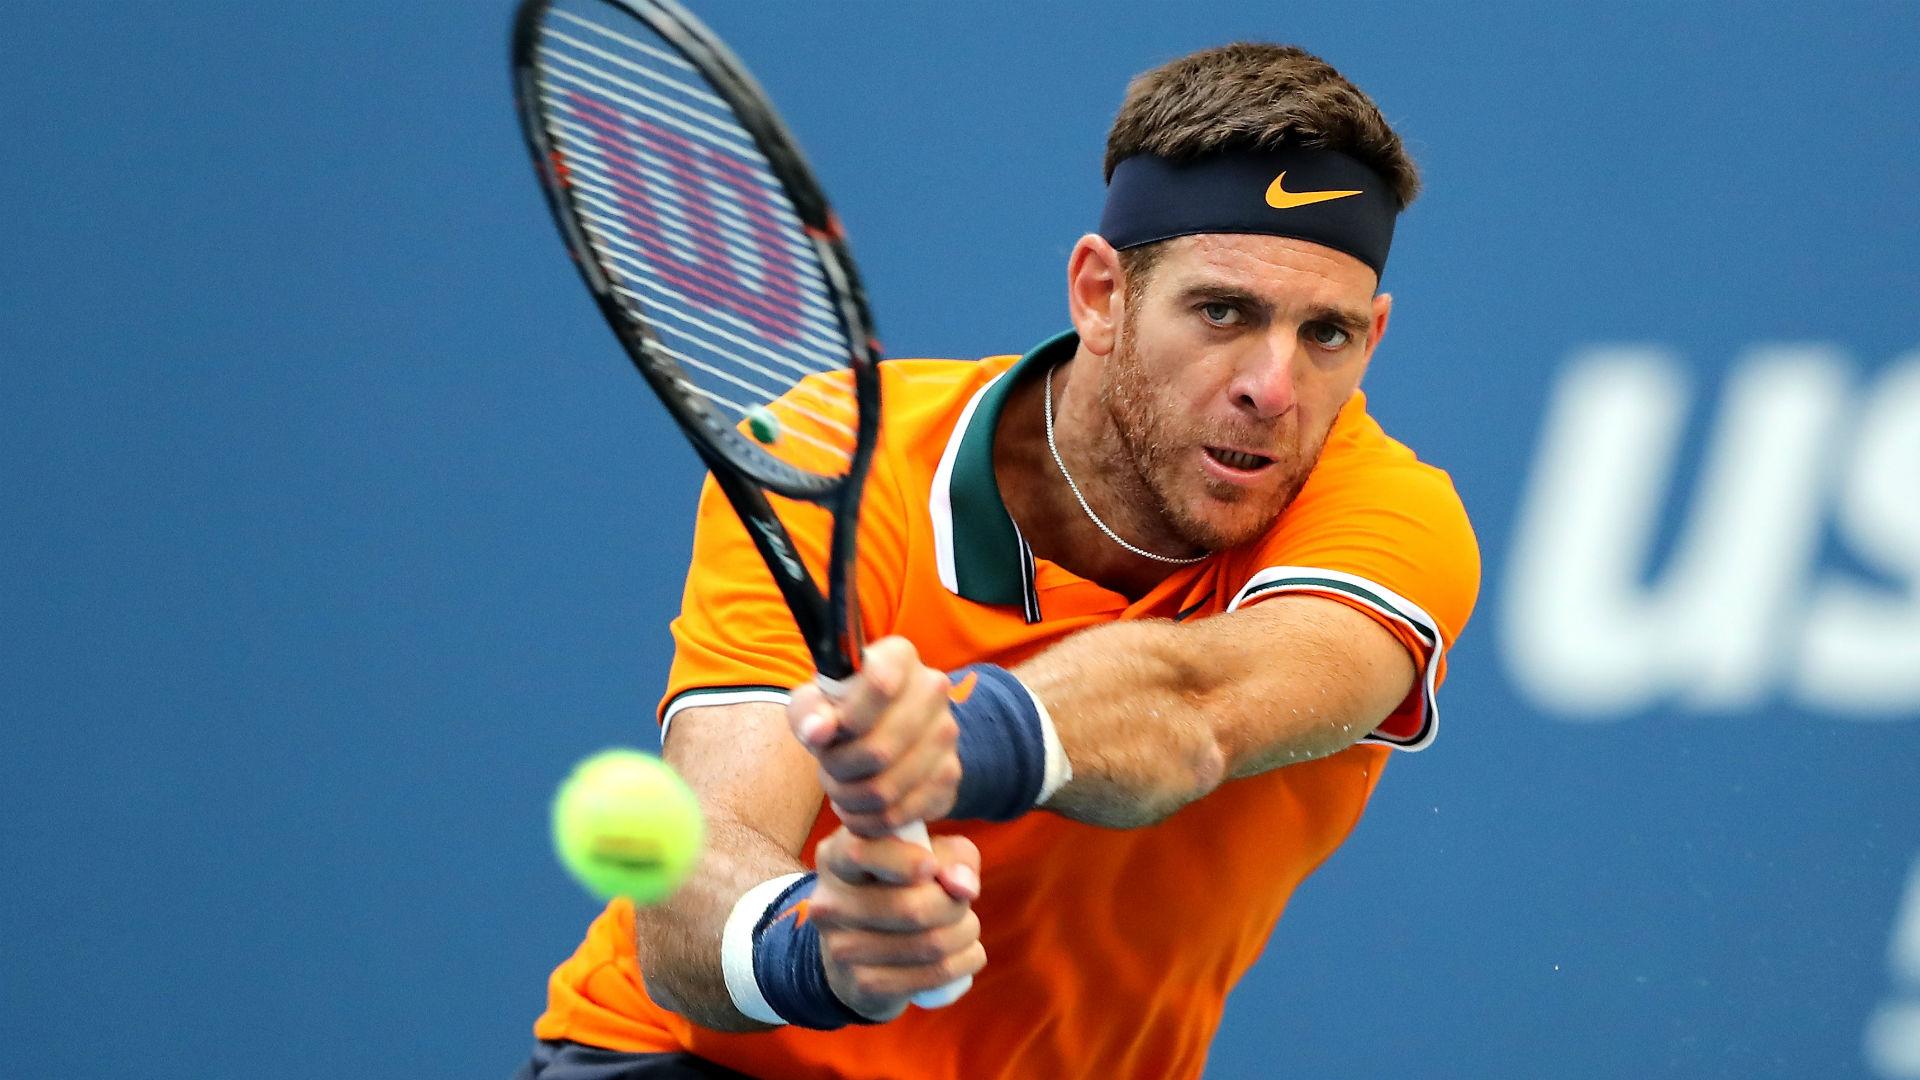 US Open 2018: Juan Del Potro sinks John Isner to prolong wait for American male semi-finalist ...